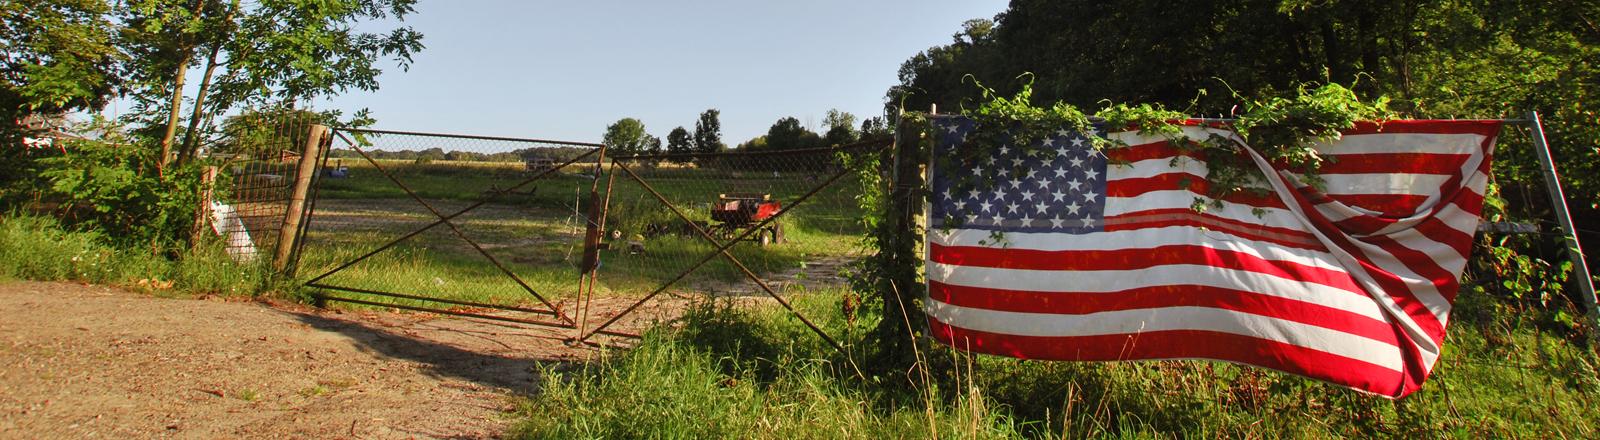 Gartenzaun mit USA Flagge